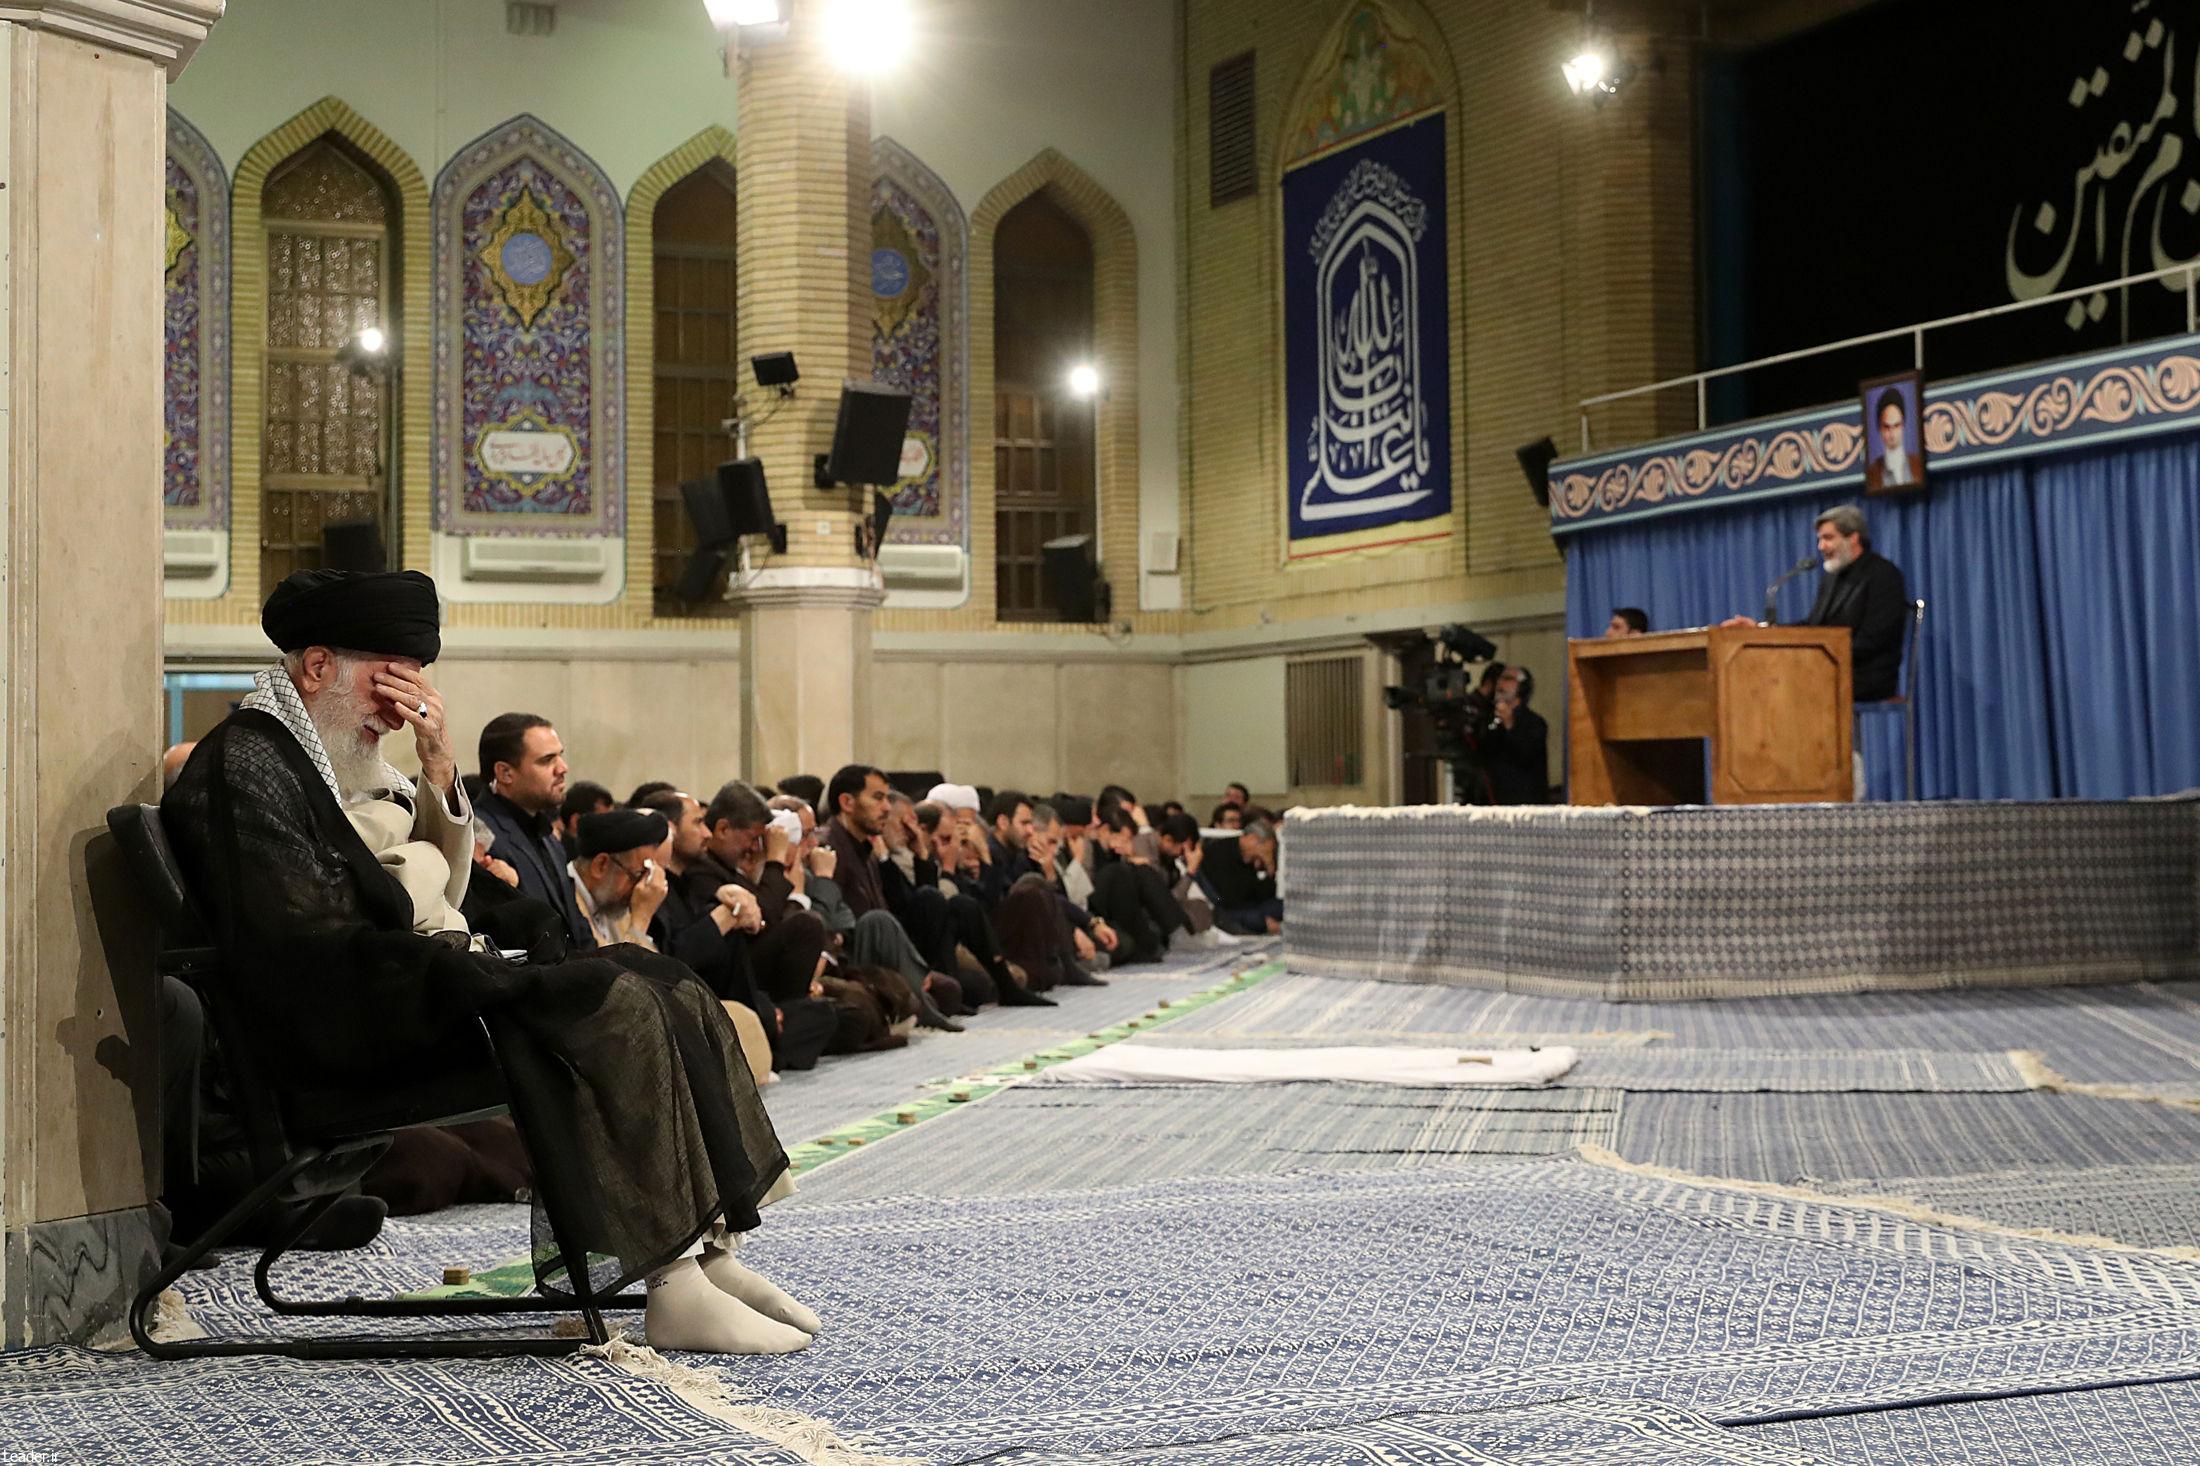 ظهر امروز برگزار شد سوگواری بمناسبت سالروز شهادت امام علی (ع) در محضر رهبر انقلاب